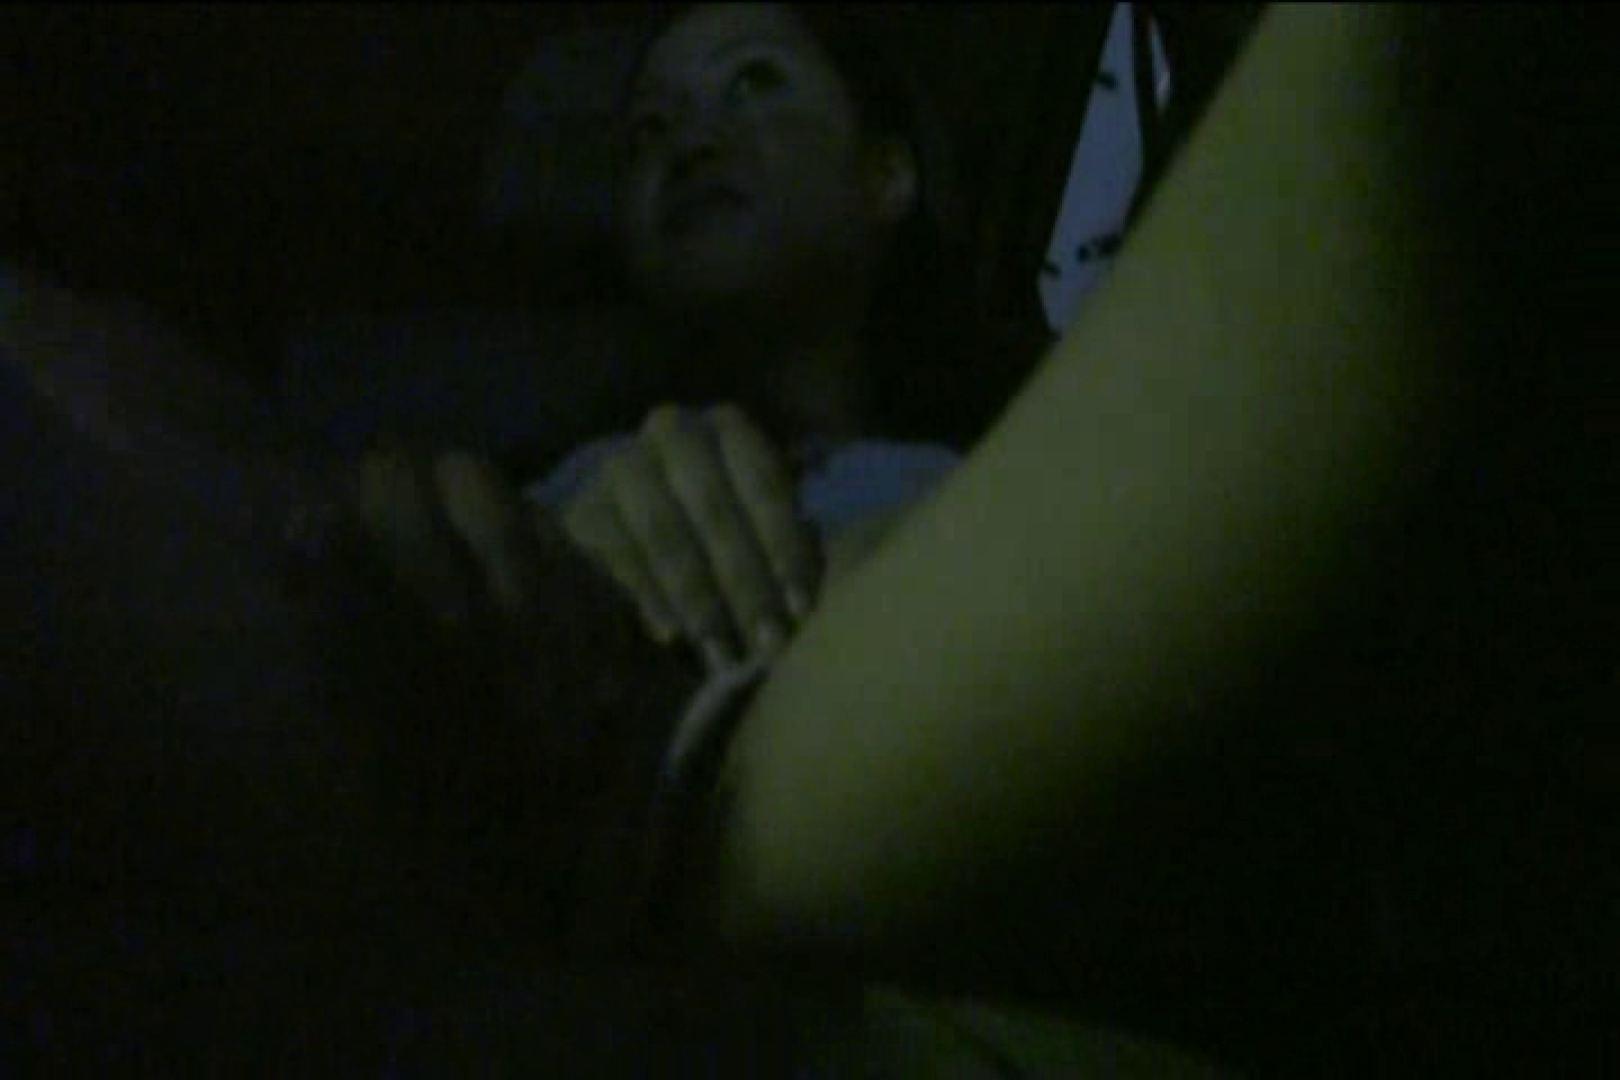 車内で初めまして! vol01 エッチ見放題 アダルト動画キャプチャ 102PIX 99